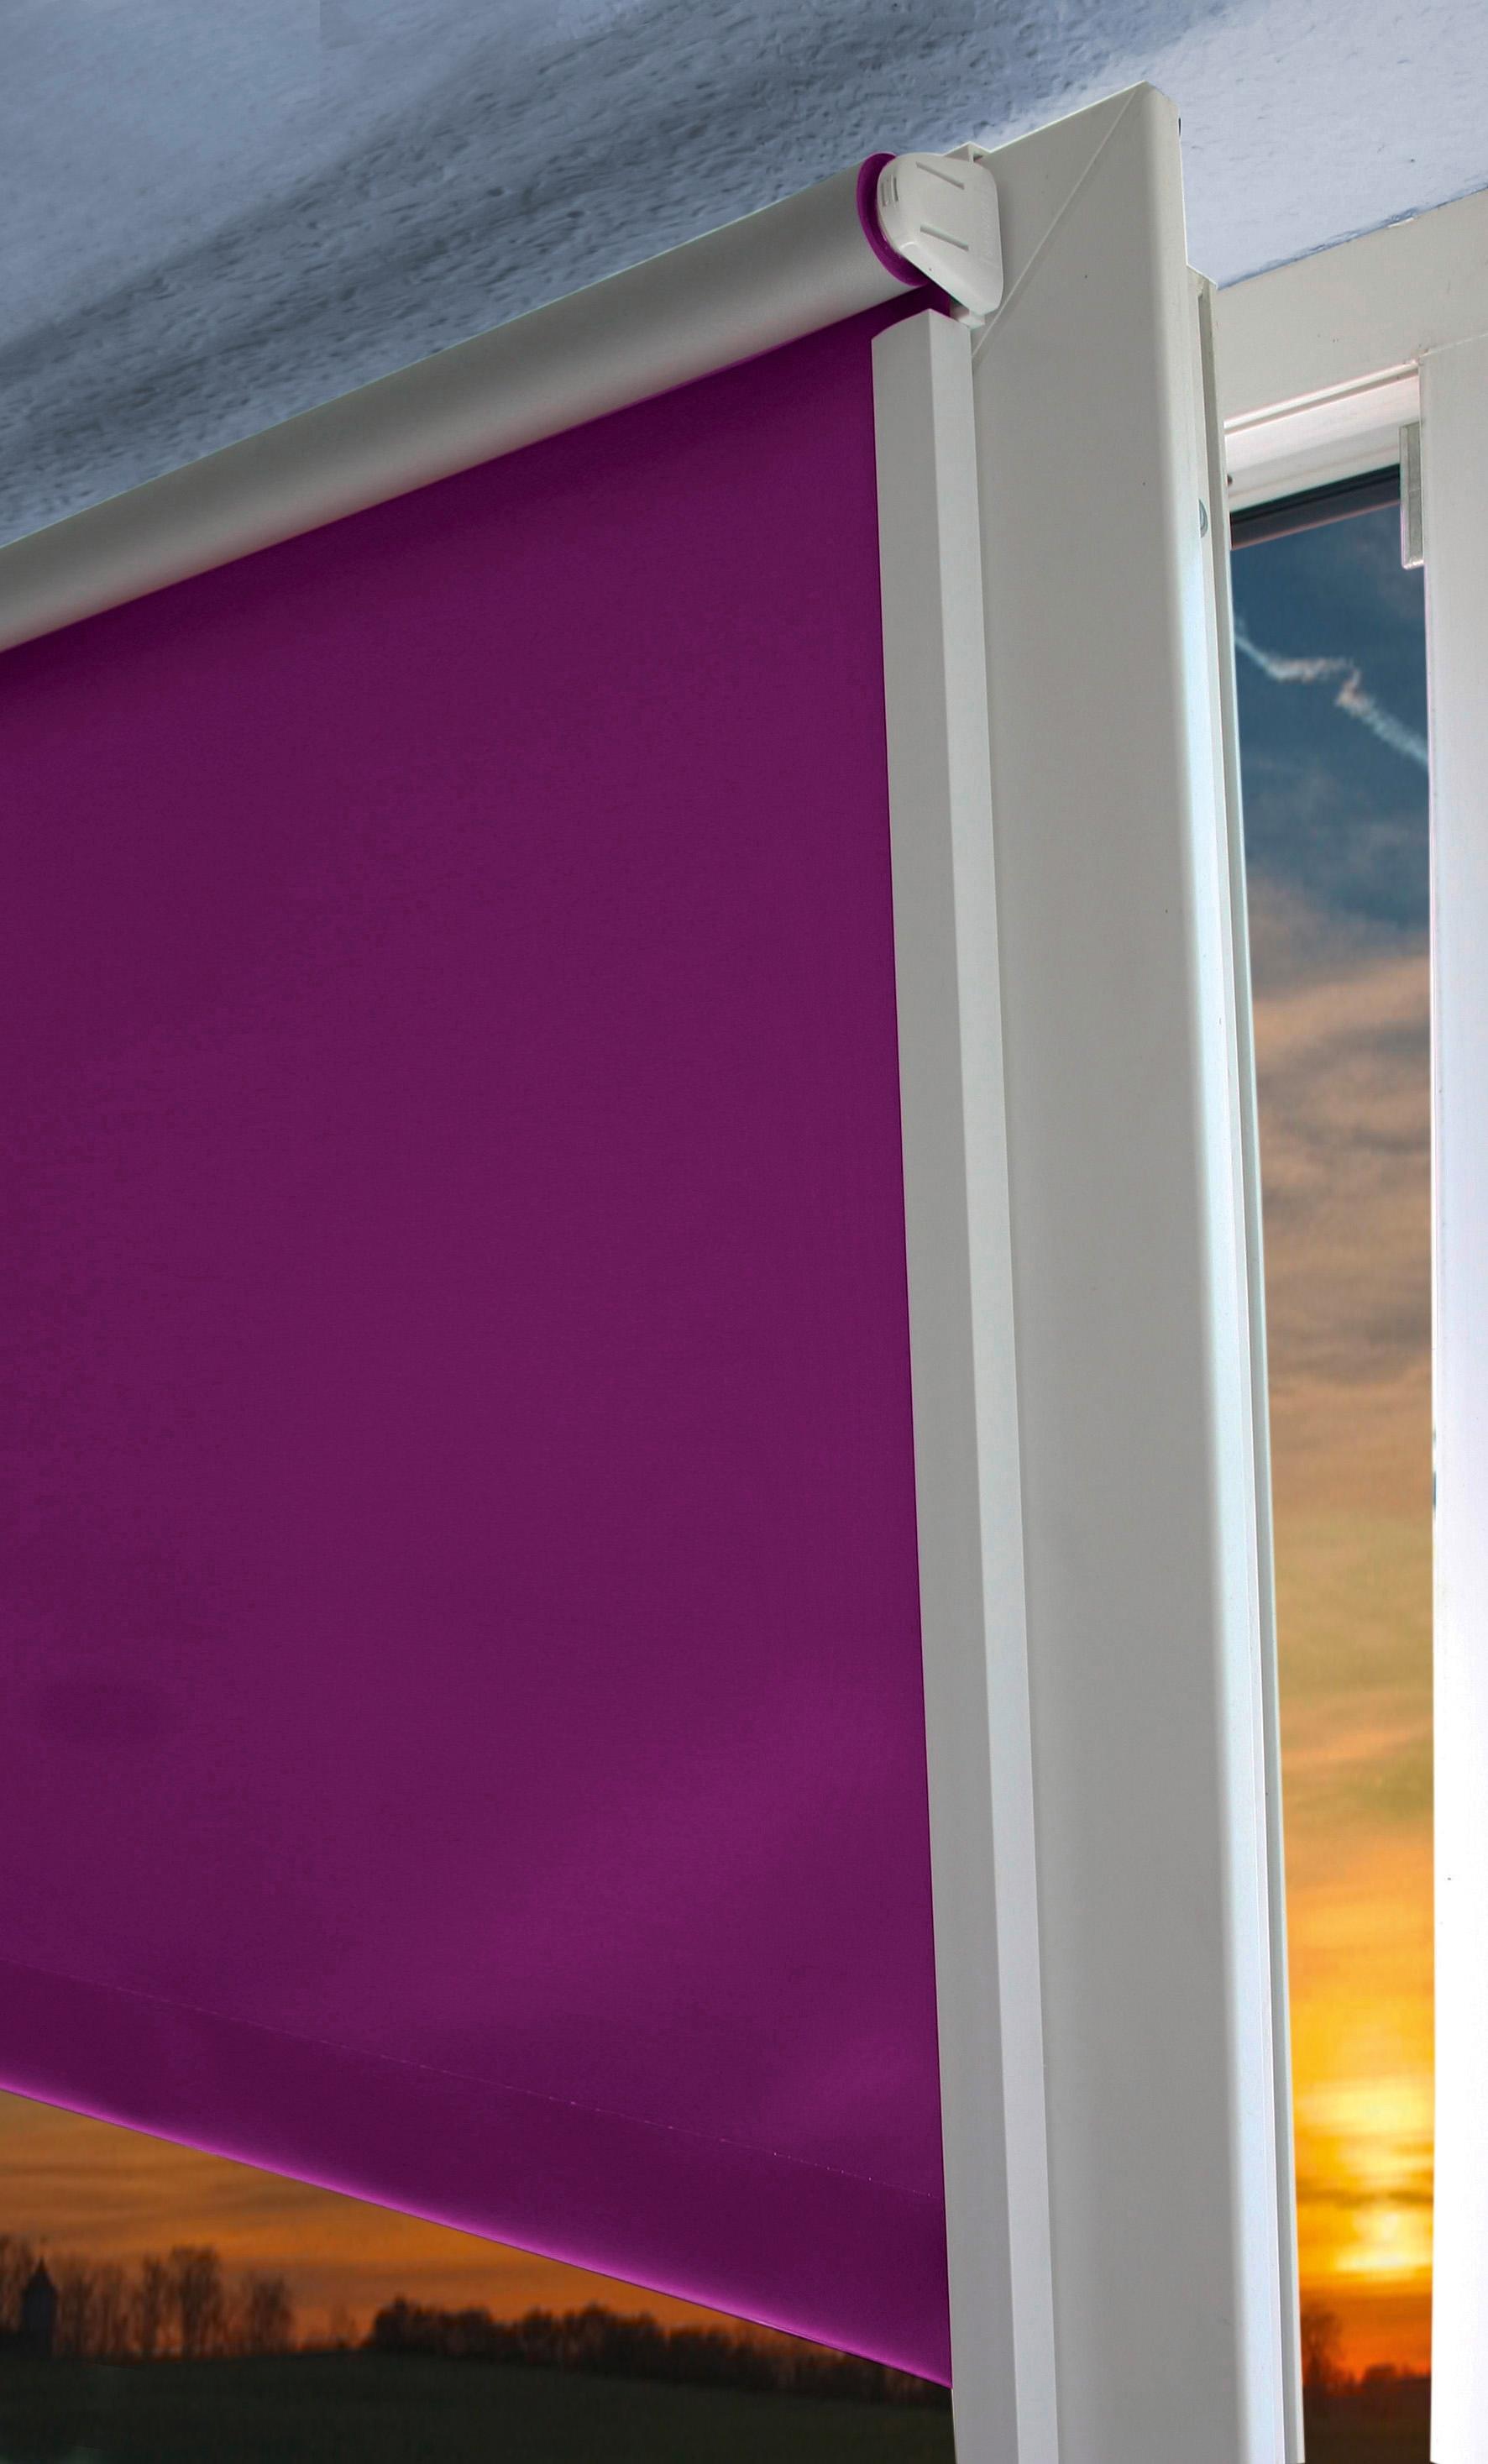 geleiders rolgordijn stunning cvs zonwering met screenstof with geleiders rolgordijn tupplur. Black Bedroom Furniture Sets. Home Design Ideas